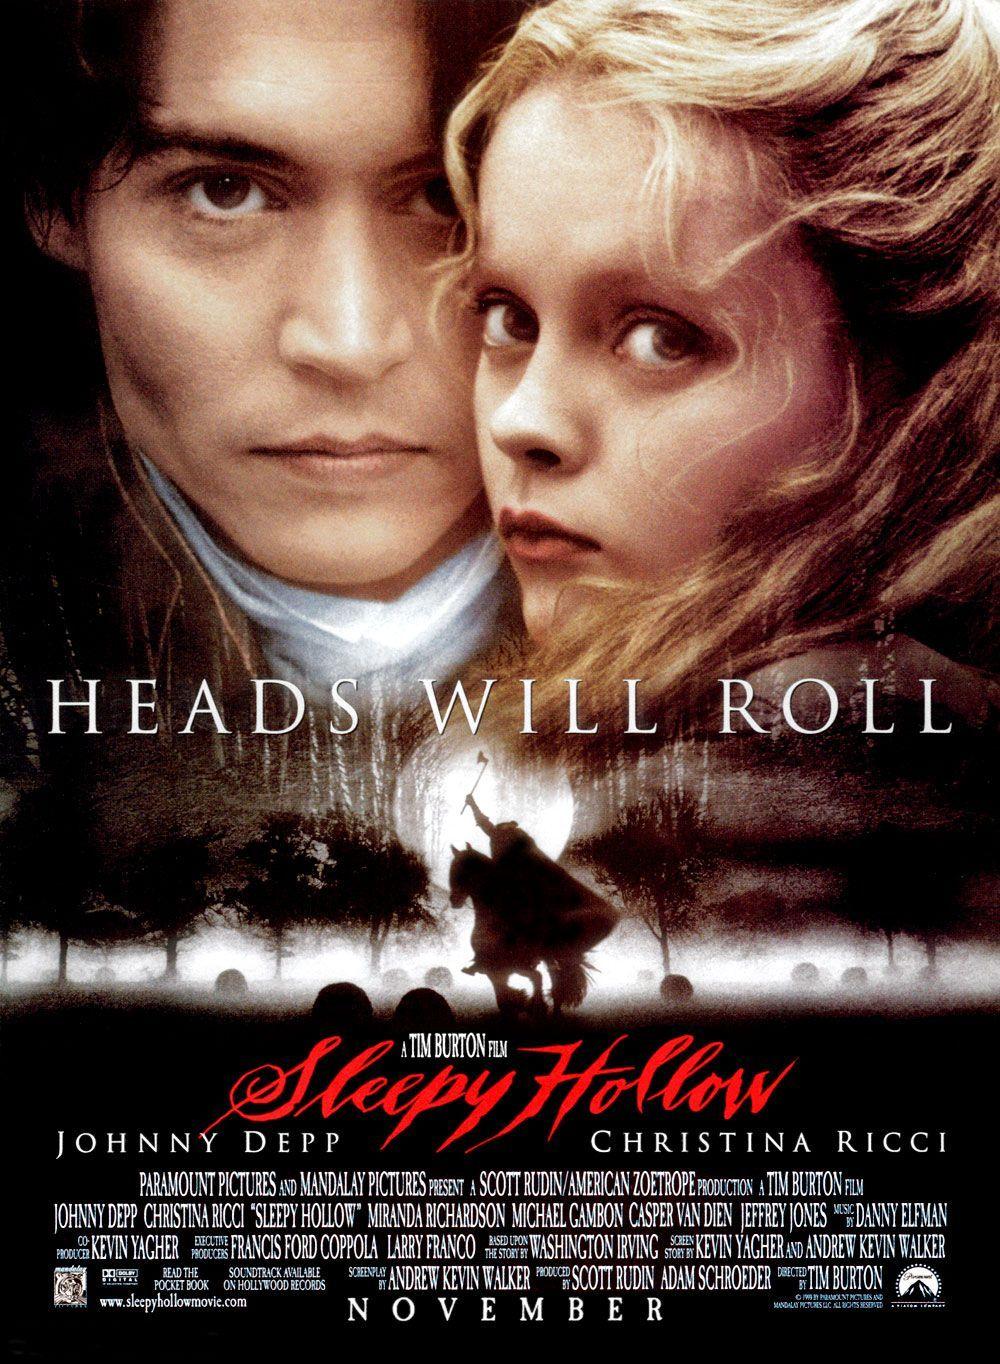 Фильмы, которые стоит посмотреть - Страница 2 Kinopoisk.ru-Sleepy-Hollow-1331302